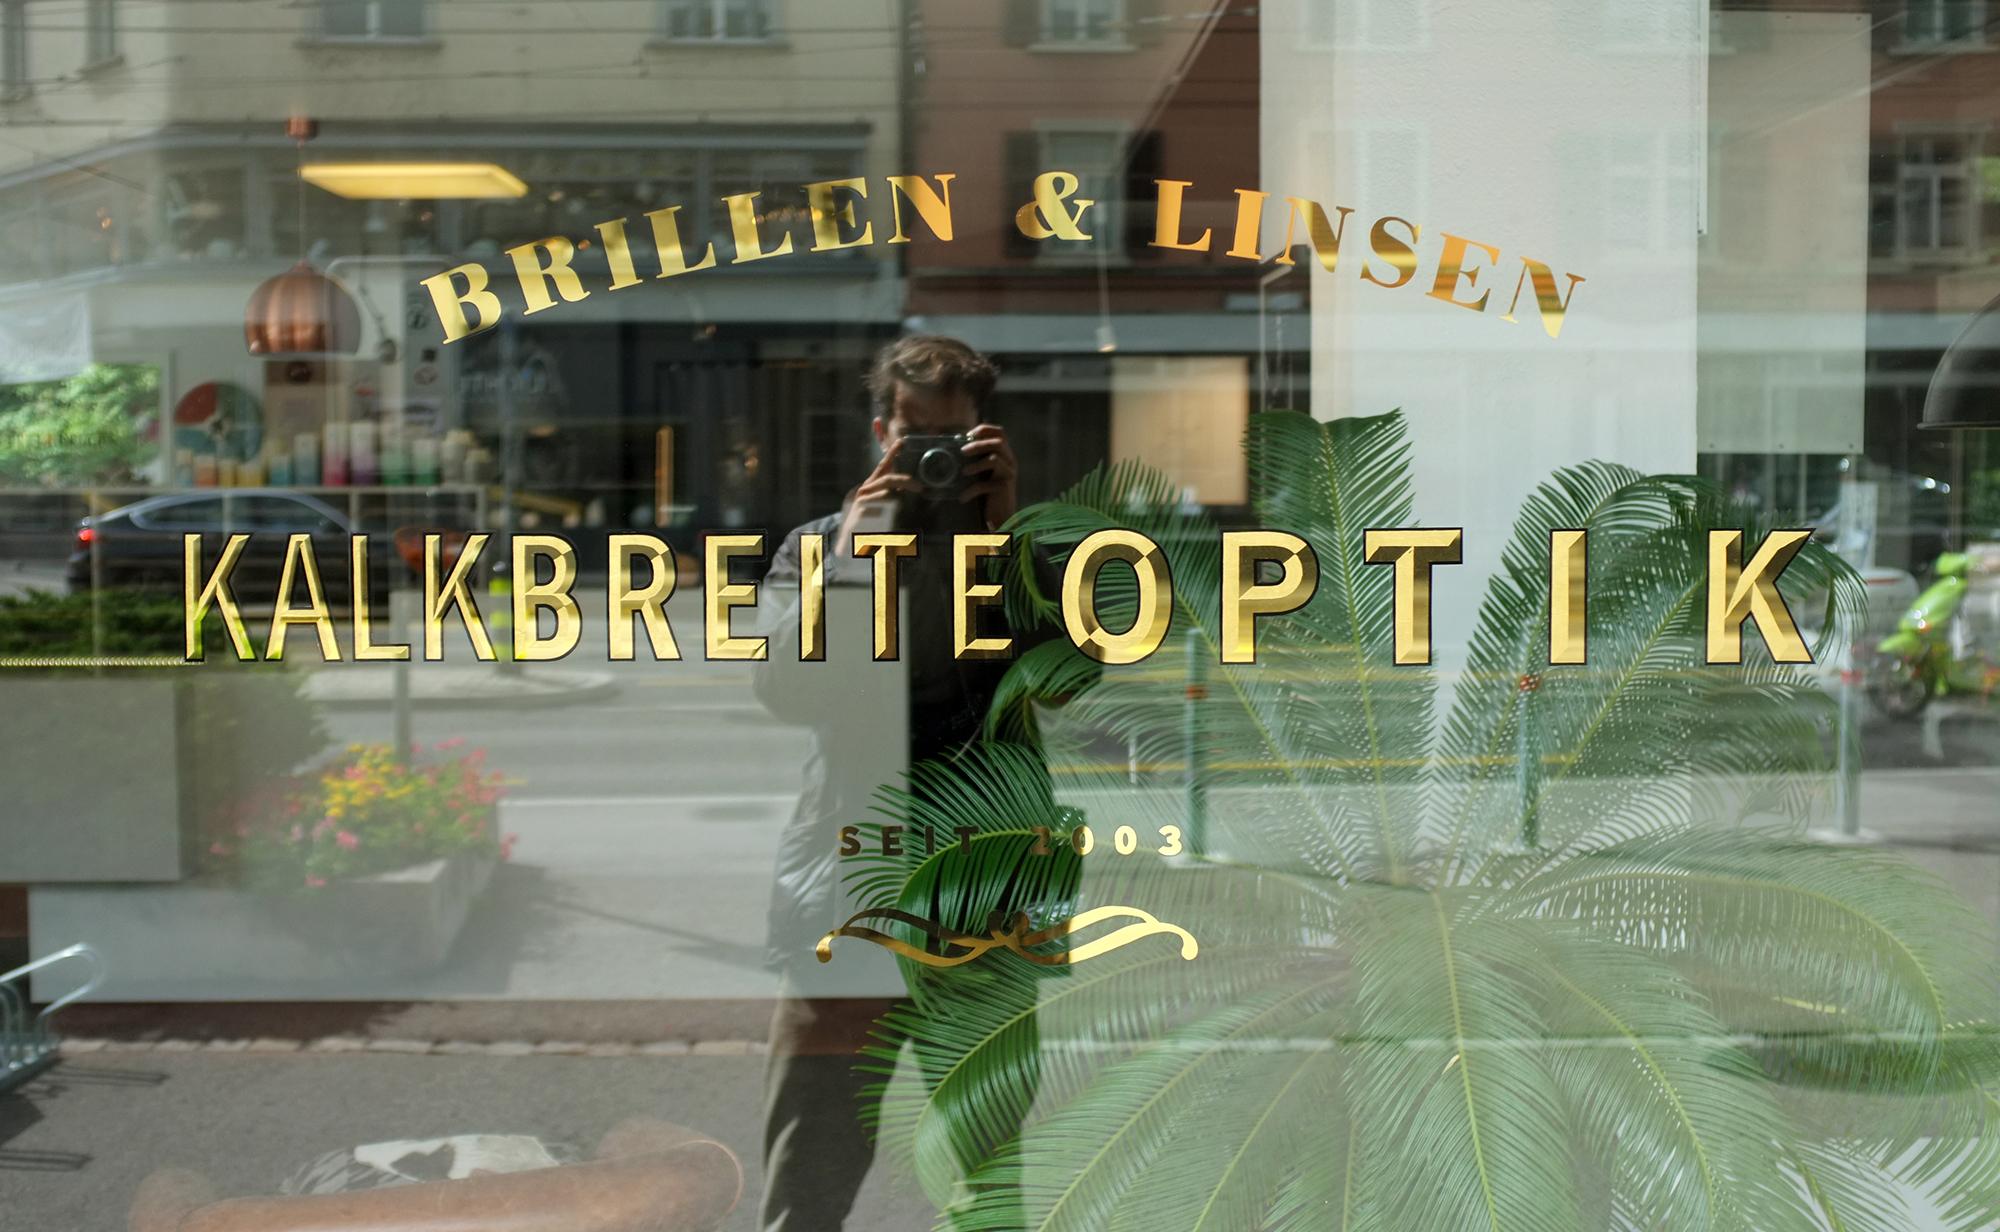 Kalkbreite Optik Hinterglasvergoldung Zürich Reverse glass gilding for Kalkbreite Optik Handgemalte Schaufensterbeschriftung vom Tafelmaler